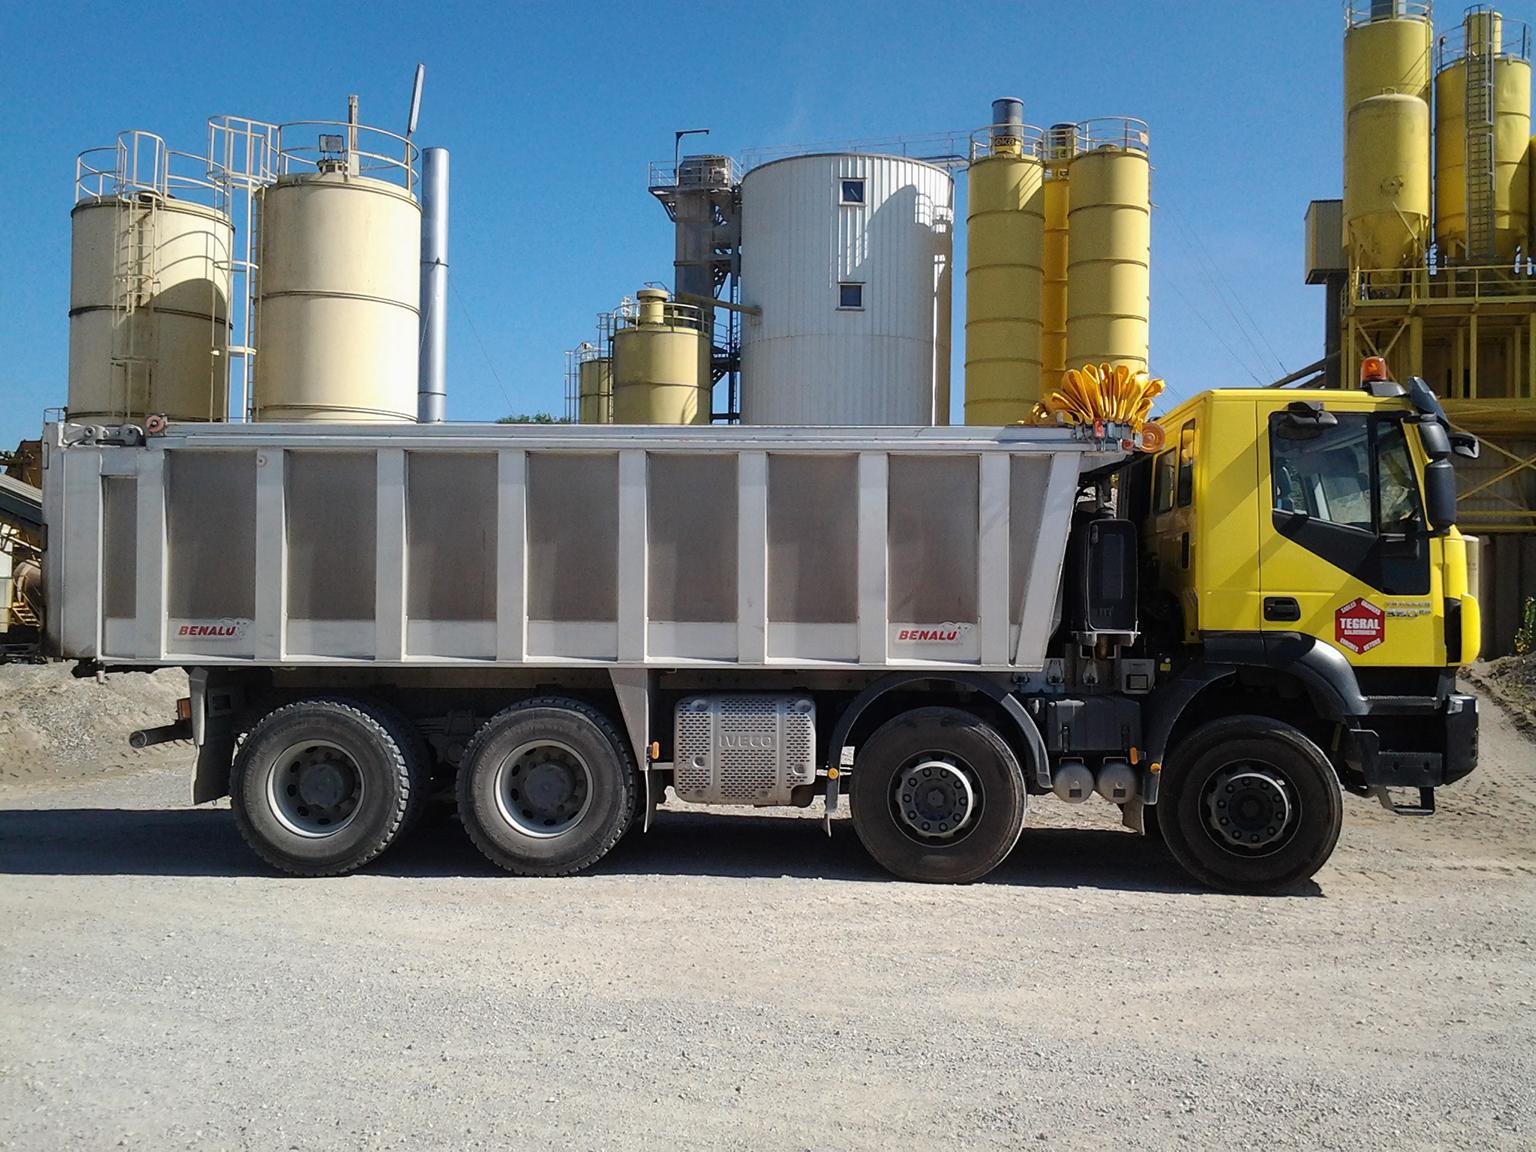 Tegral partenaire du BTP livraison en vrac, silo, big-bag, palettes